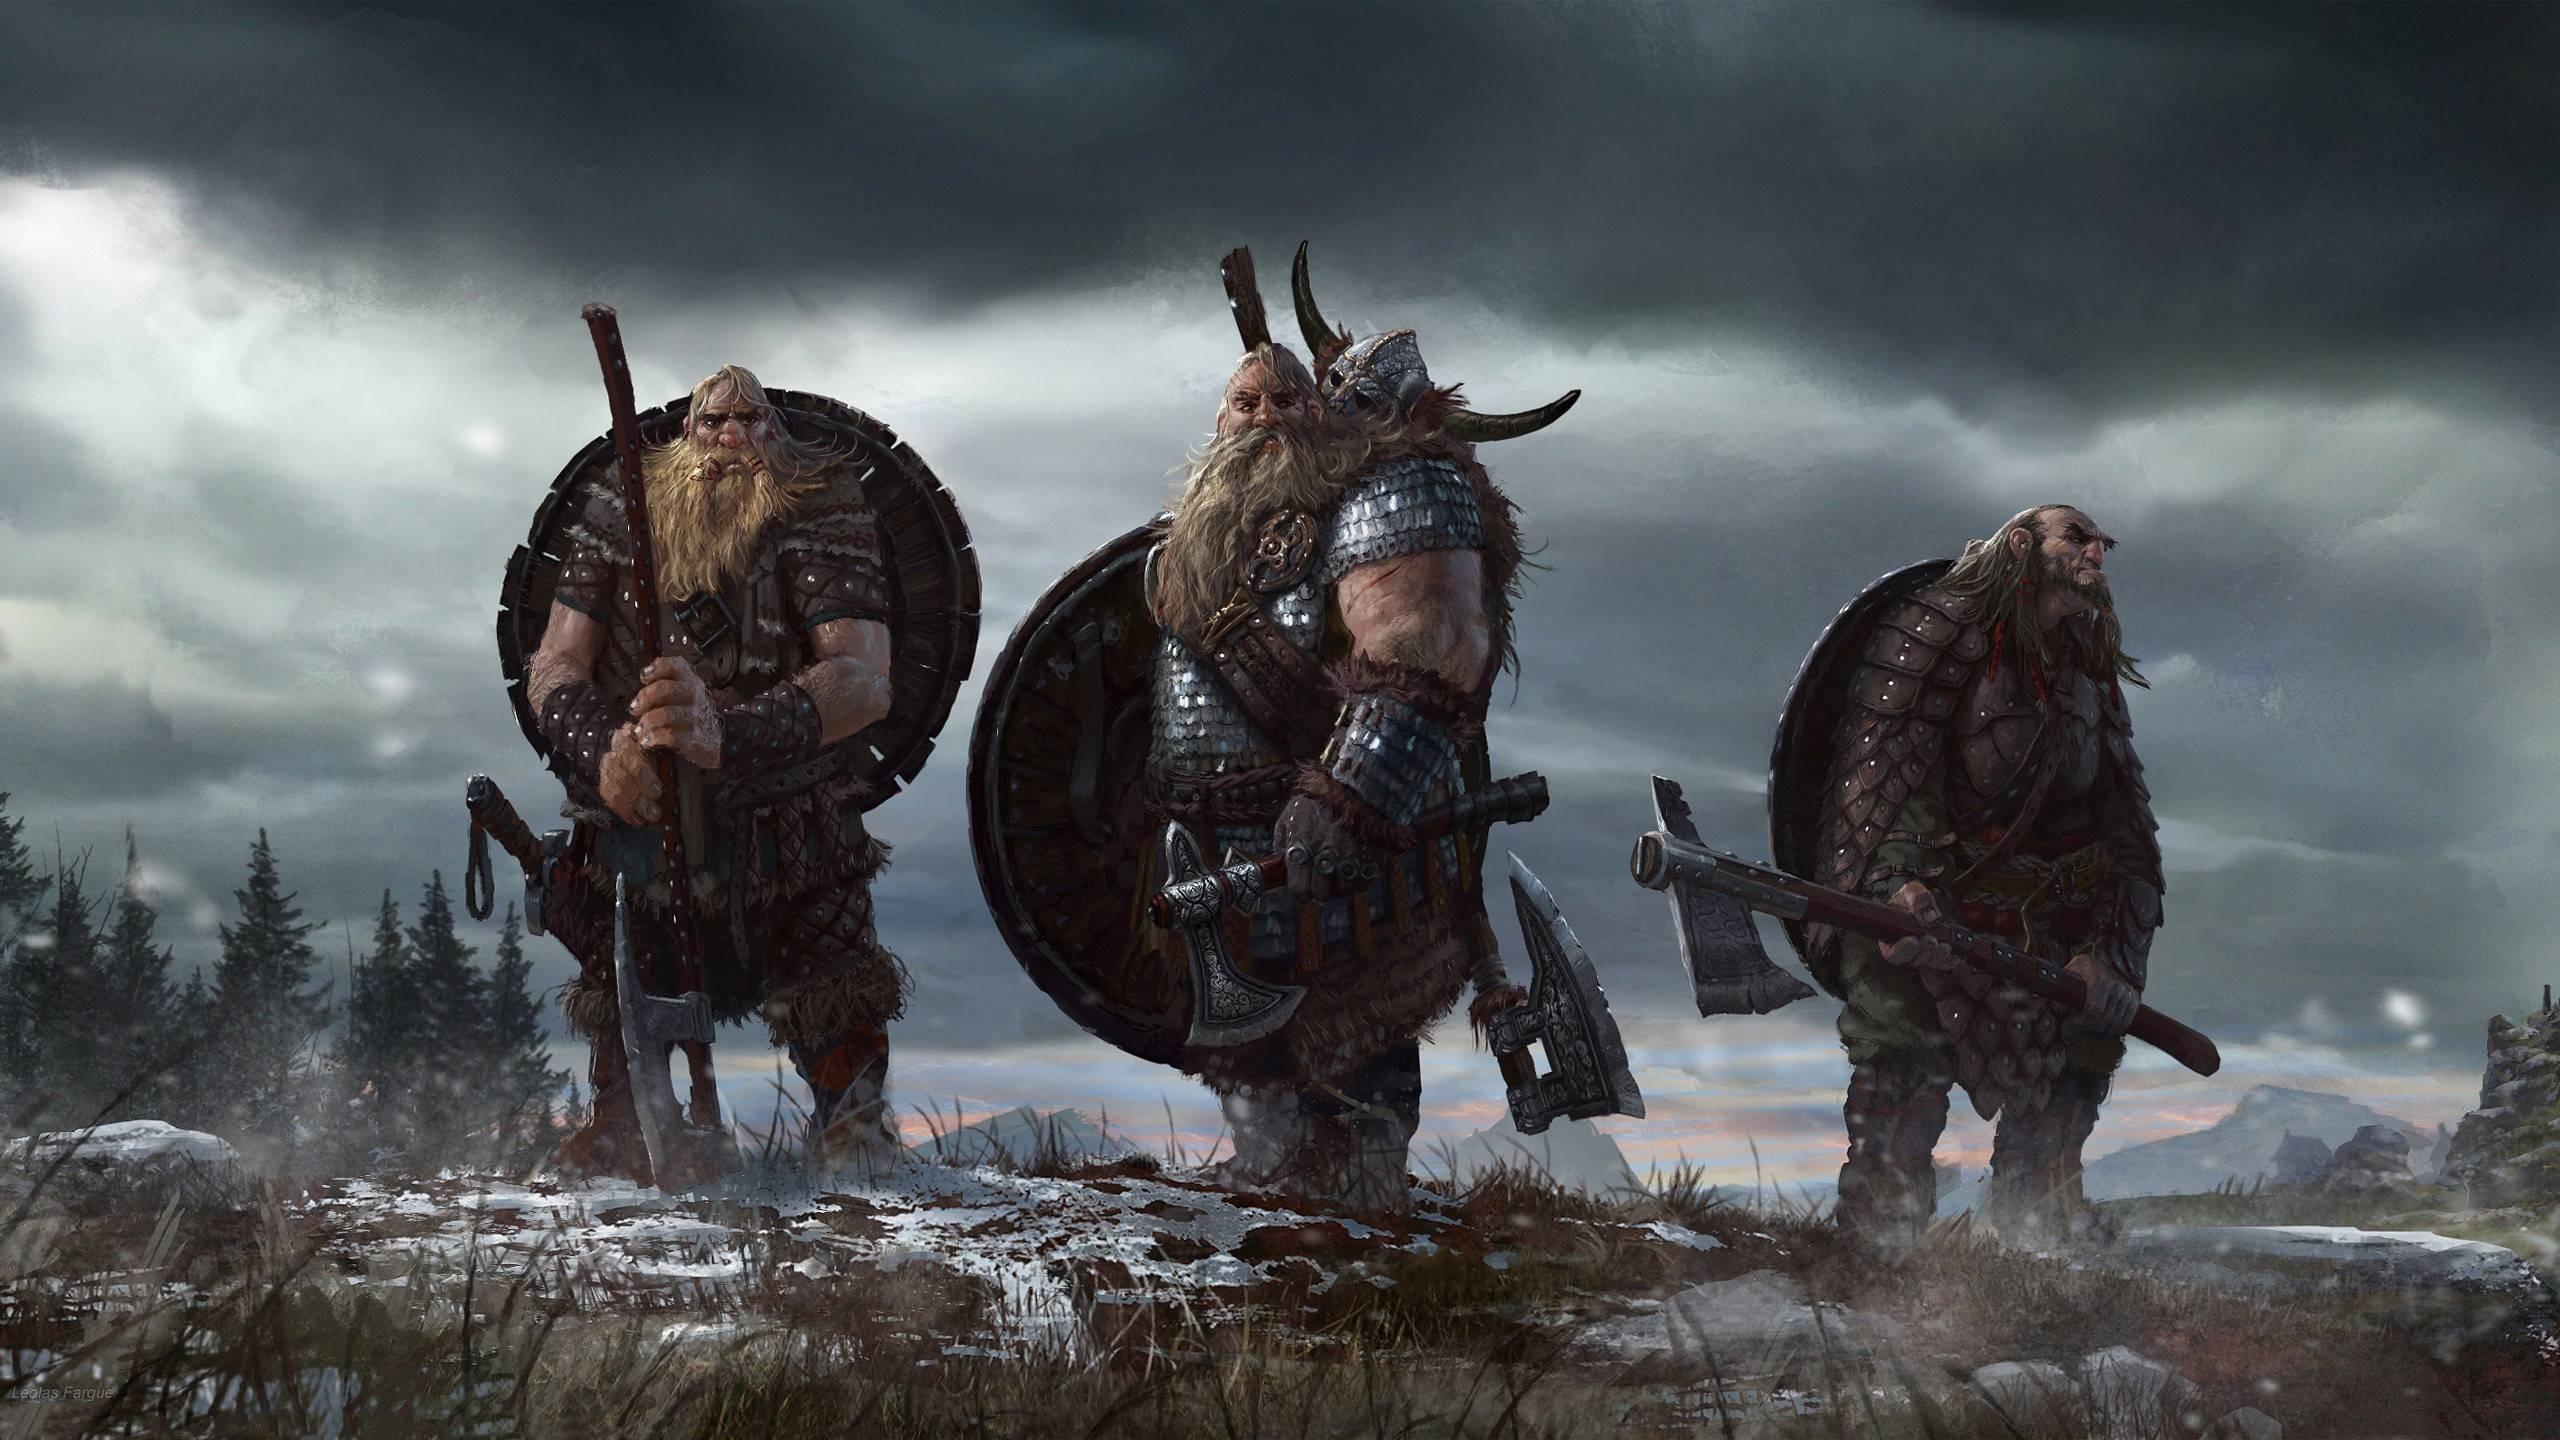 Вальхалла, как попасть, кто хозяин, ледяные воины, дорога викингов в чертоги, вхождение богов, какой путь ведет ко входу в асгард